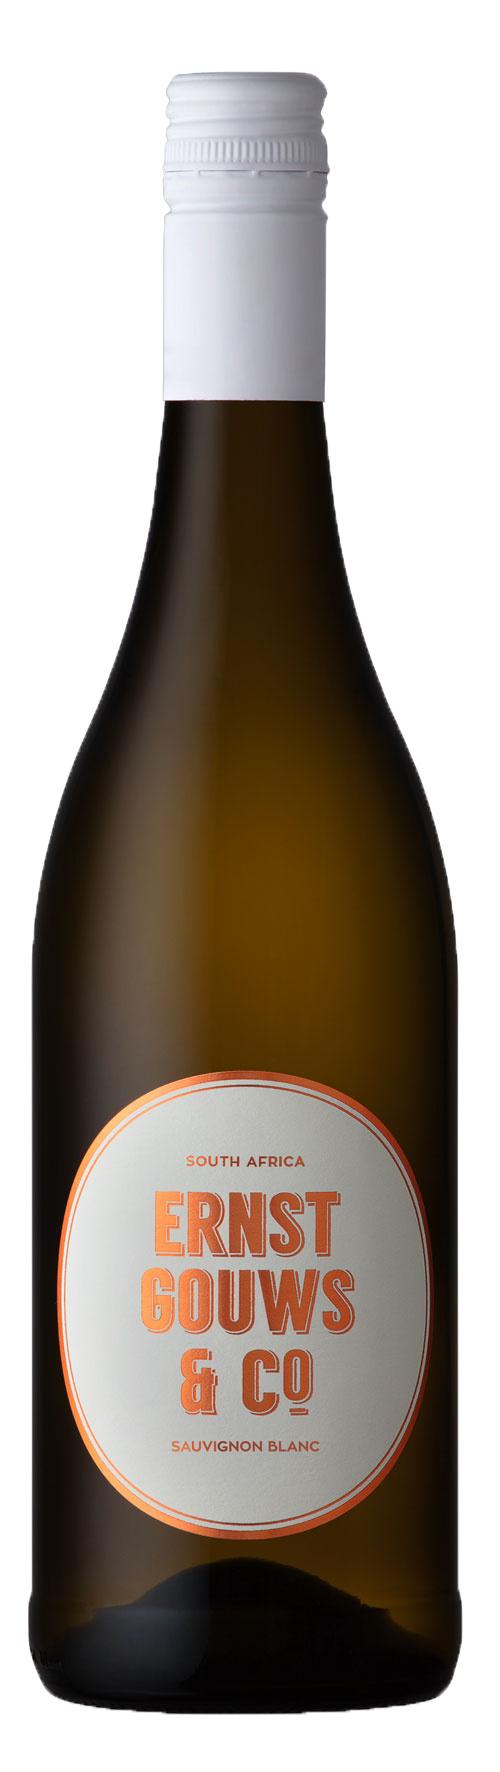 Ernst Gouws & Co Wines Sauvignon Blanc, 2018, Stellenbosch, Zuid-Afrika, Witte wijn